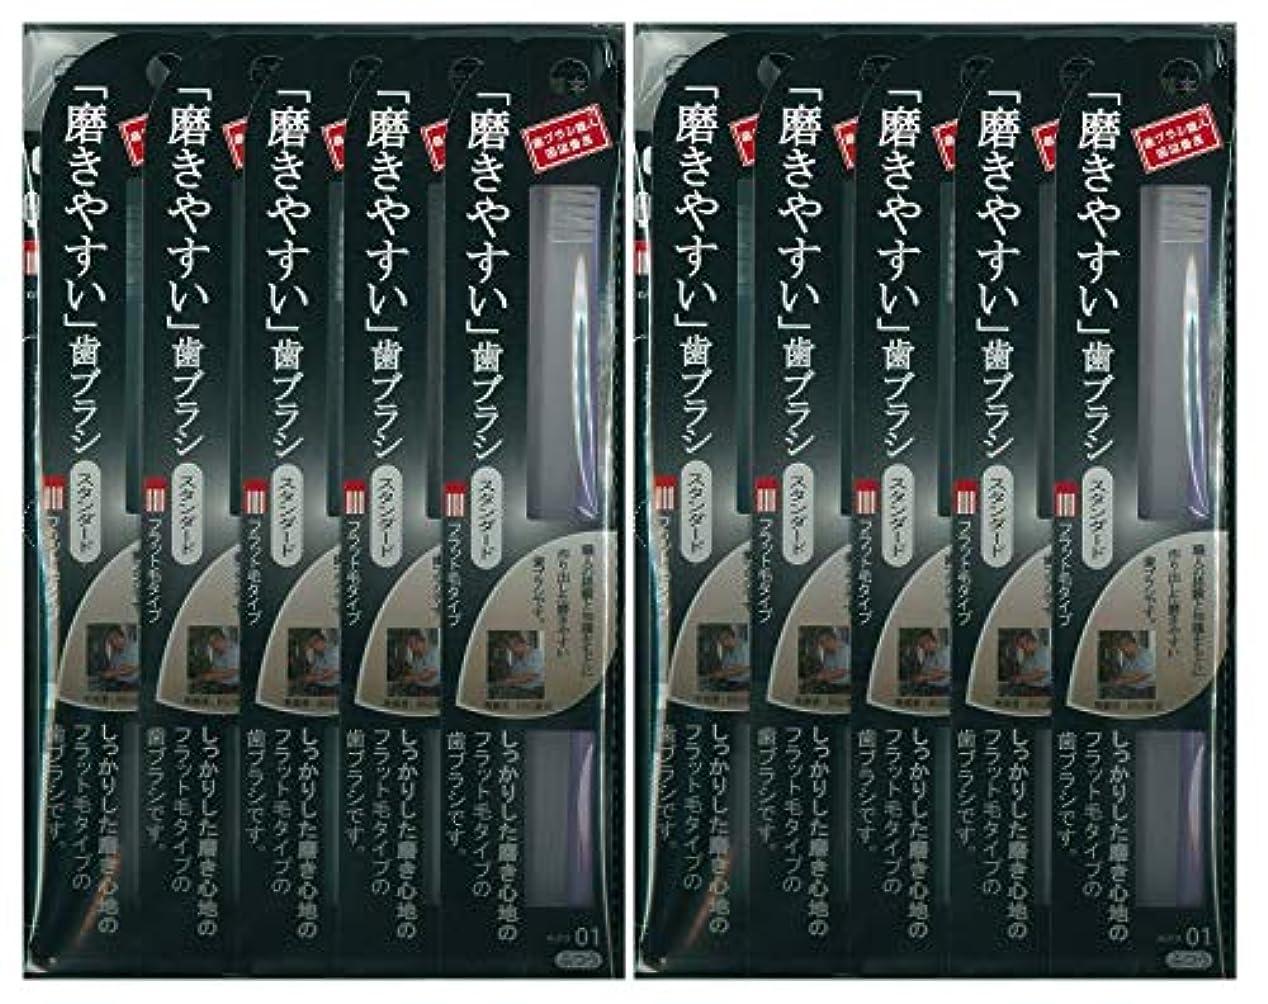 大人リングバック不毛歯ブラシ職人 田辺重吉考案 磨きやすい歯ブラシ ふつう (フラット) LT-01 1本入×24本セット